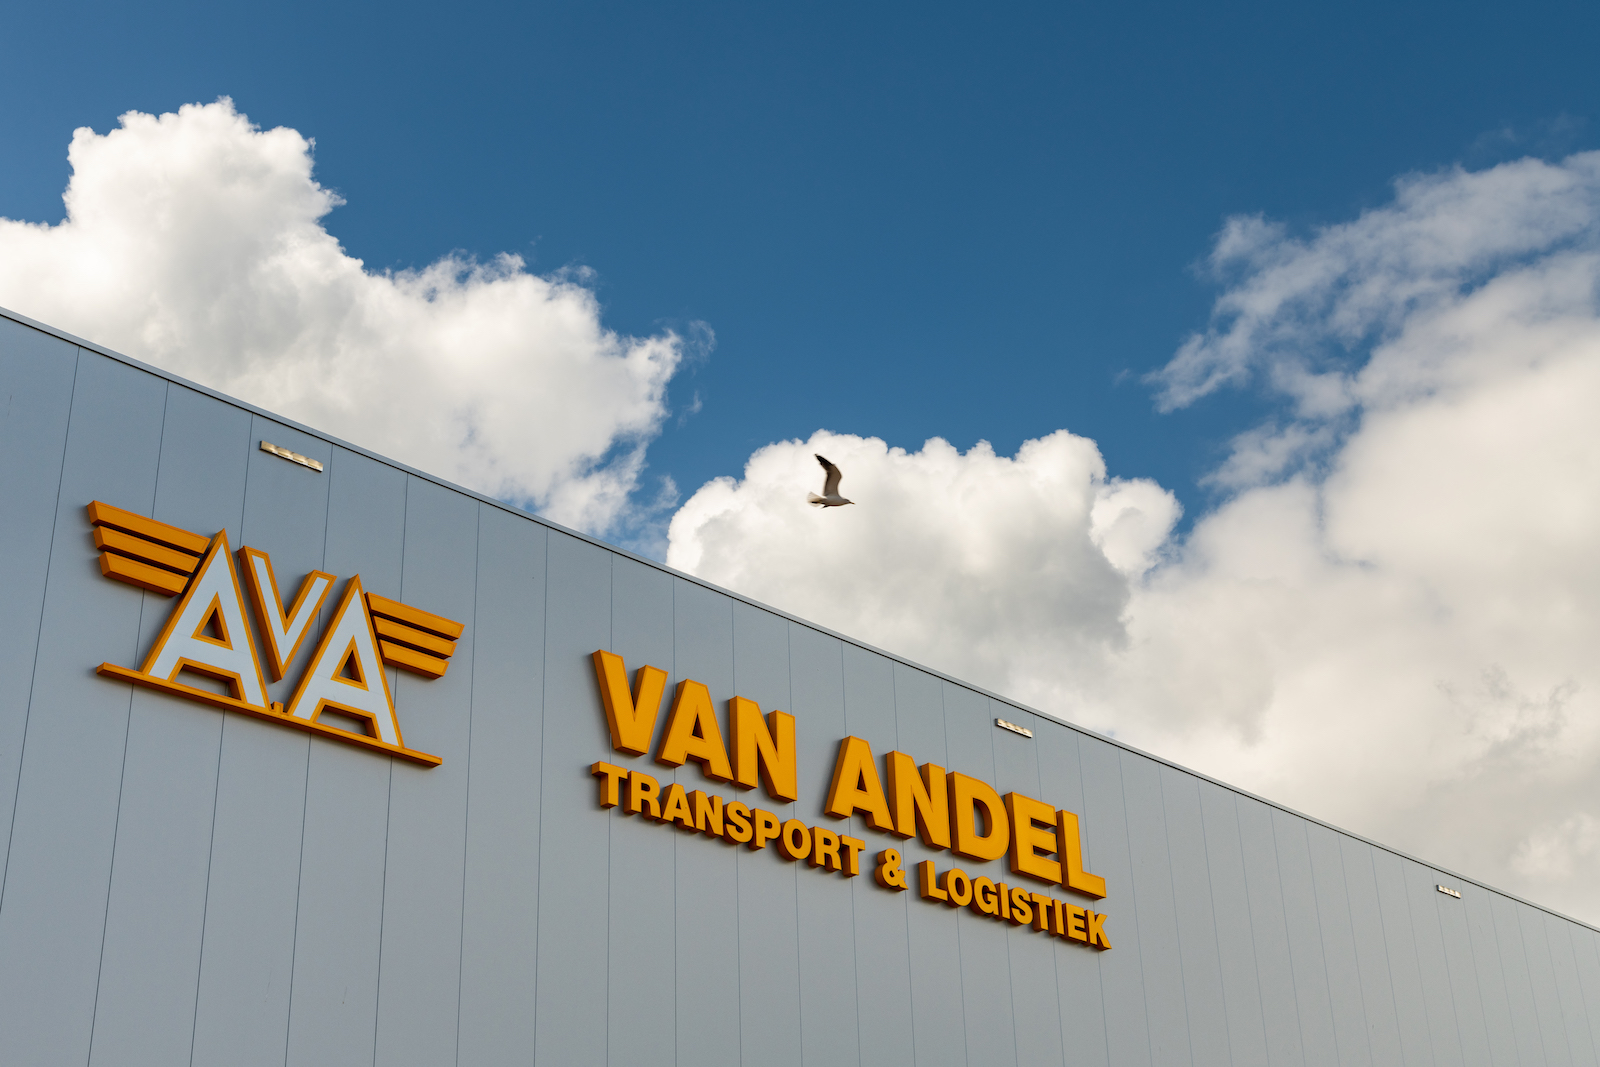 Korteland In- en Outdoor Signing Van Andel gele lichtgevende letters op grijs gebouw blauwe licht wolken